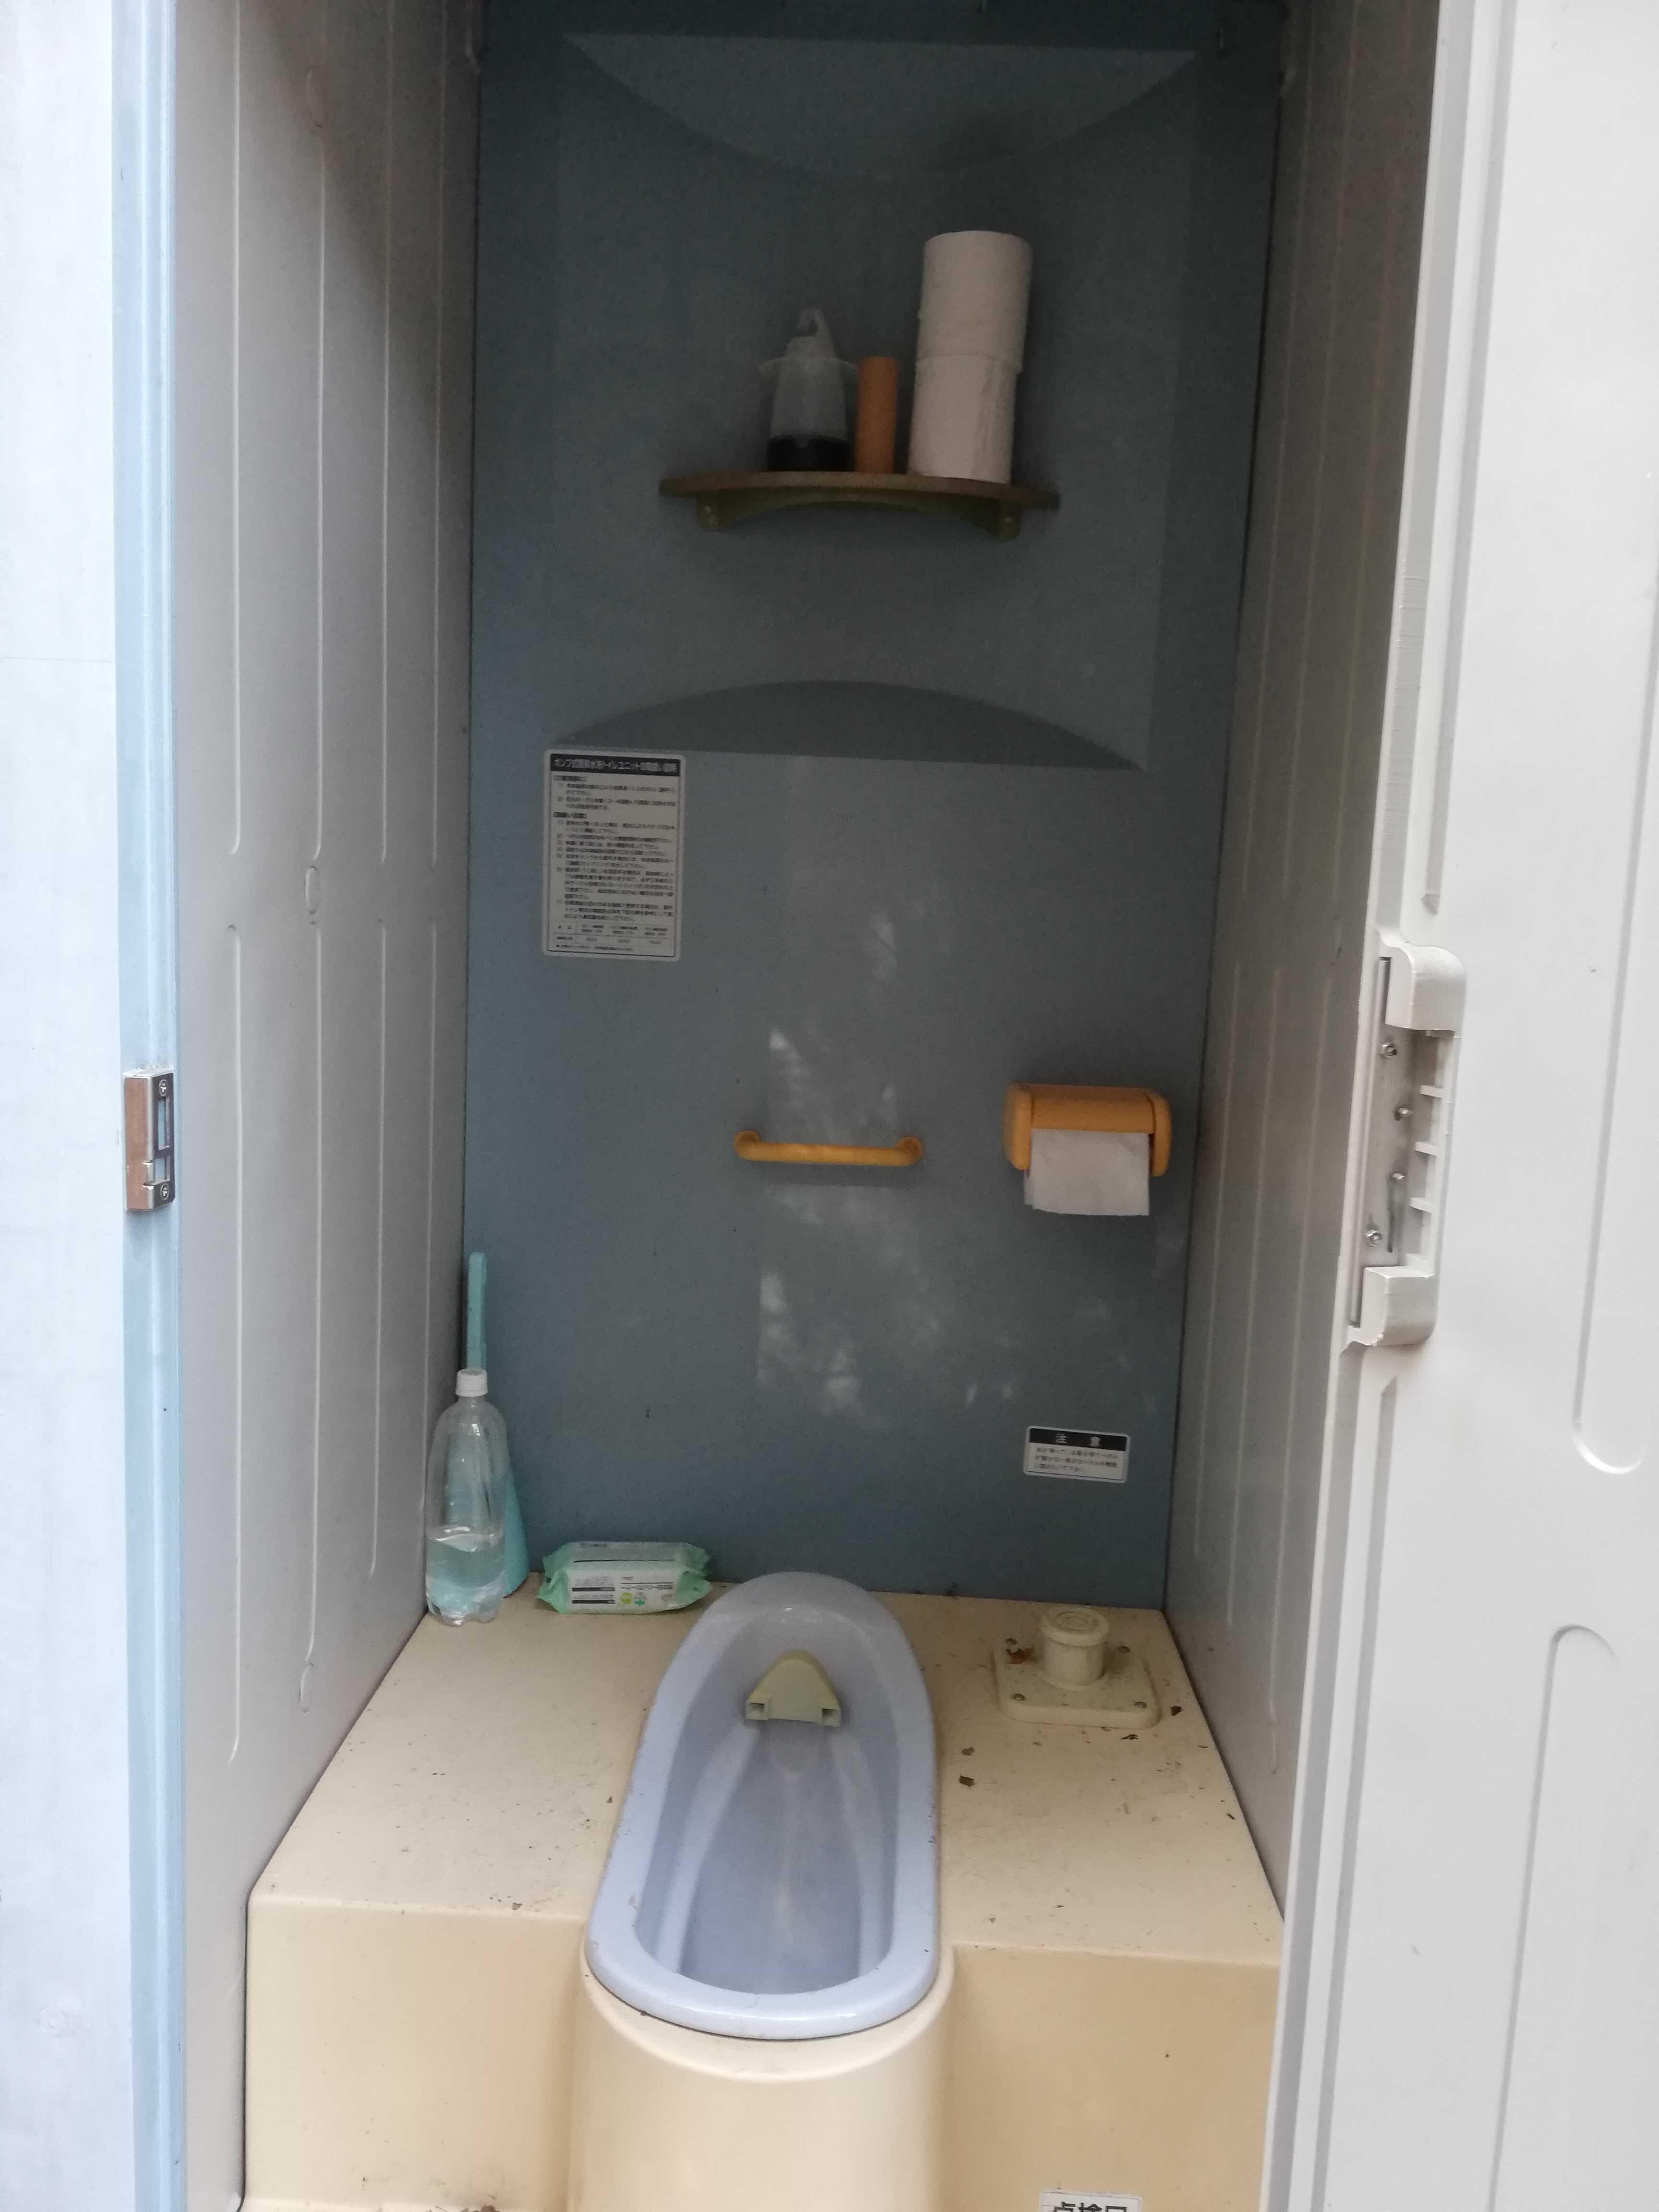 トイレは複数箇所あります。貸し出しの内容に応じてご案内いたします。